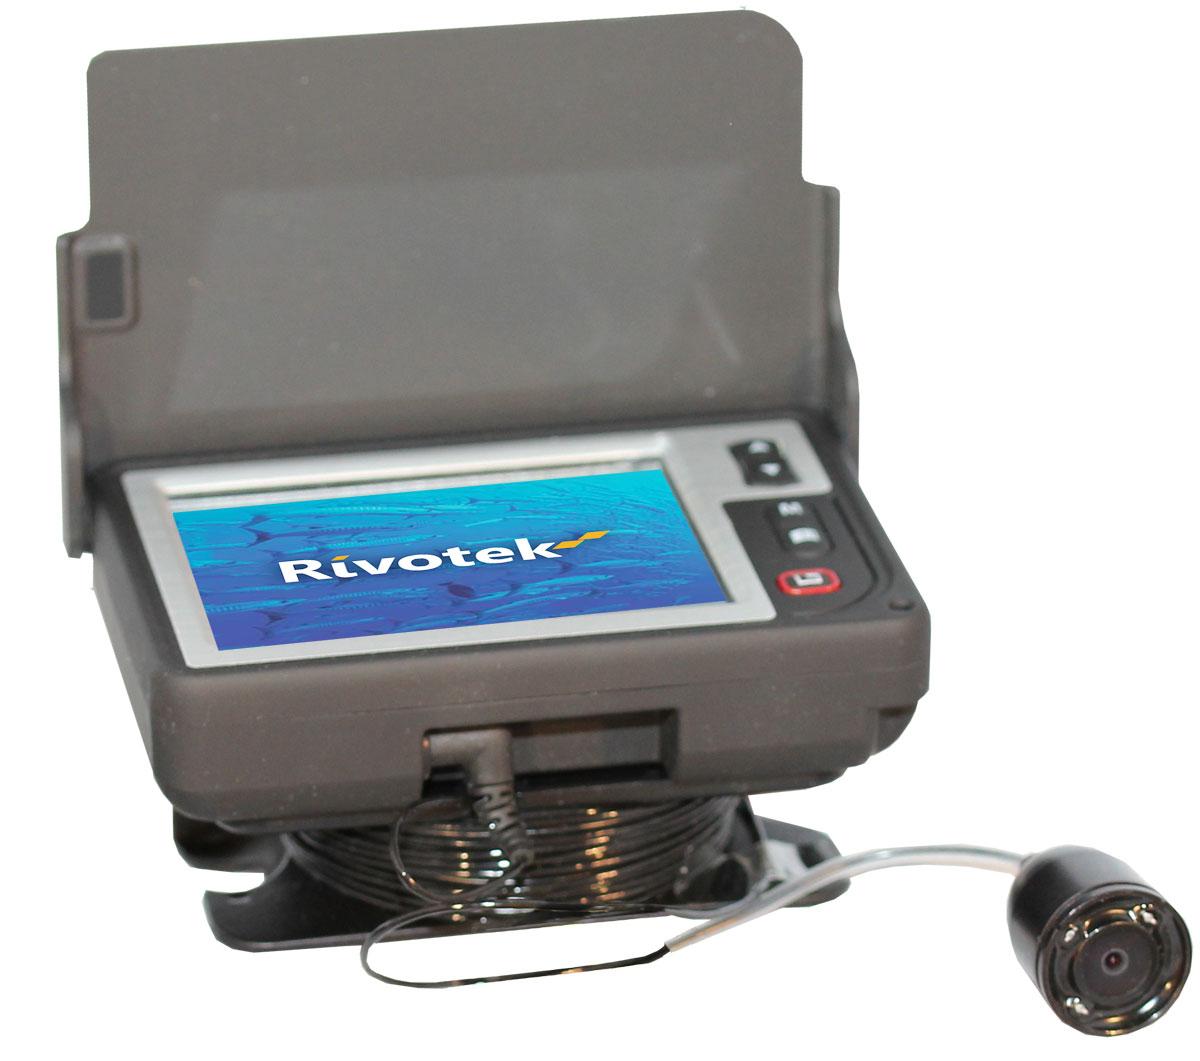 """Подводная камера Rivotek LQ-3505T127850Подводная влагозащищенная камера c 4-х светодиодной ИК подсветкой и 3,5"""" дисплеем для наблюдения за рыбой на глубинах до 15 метров"""